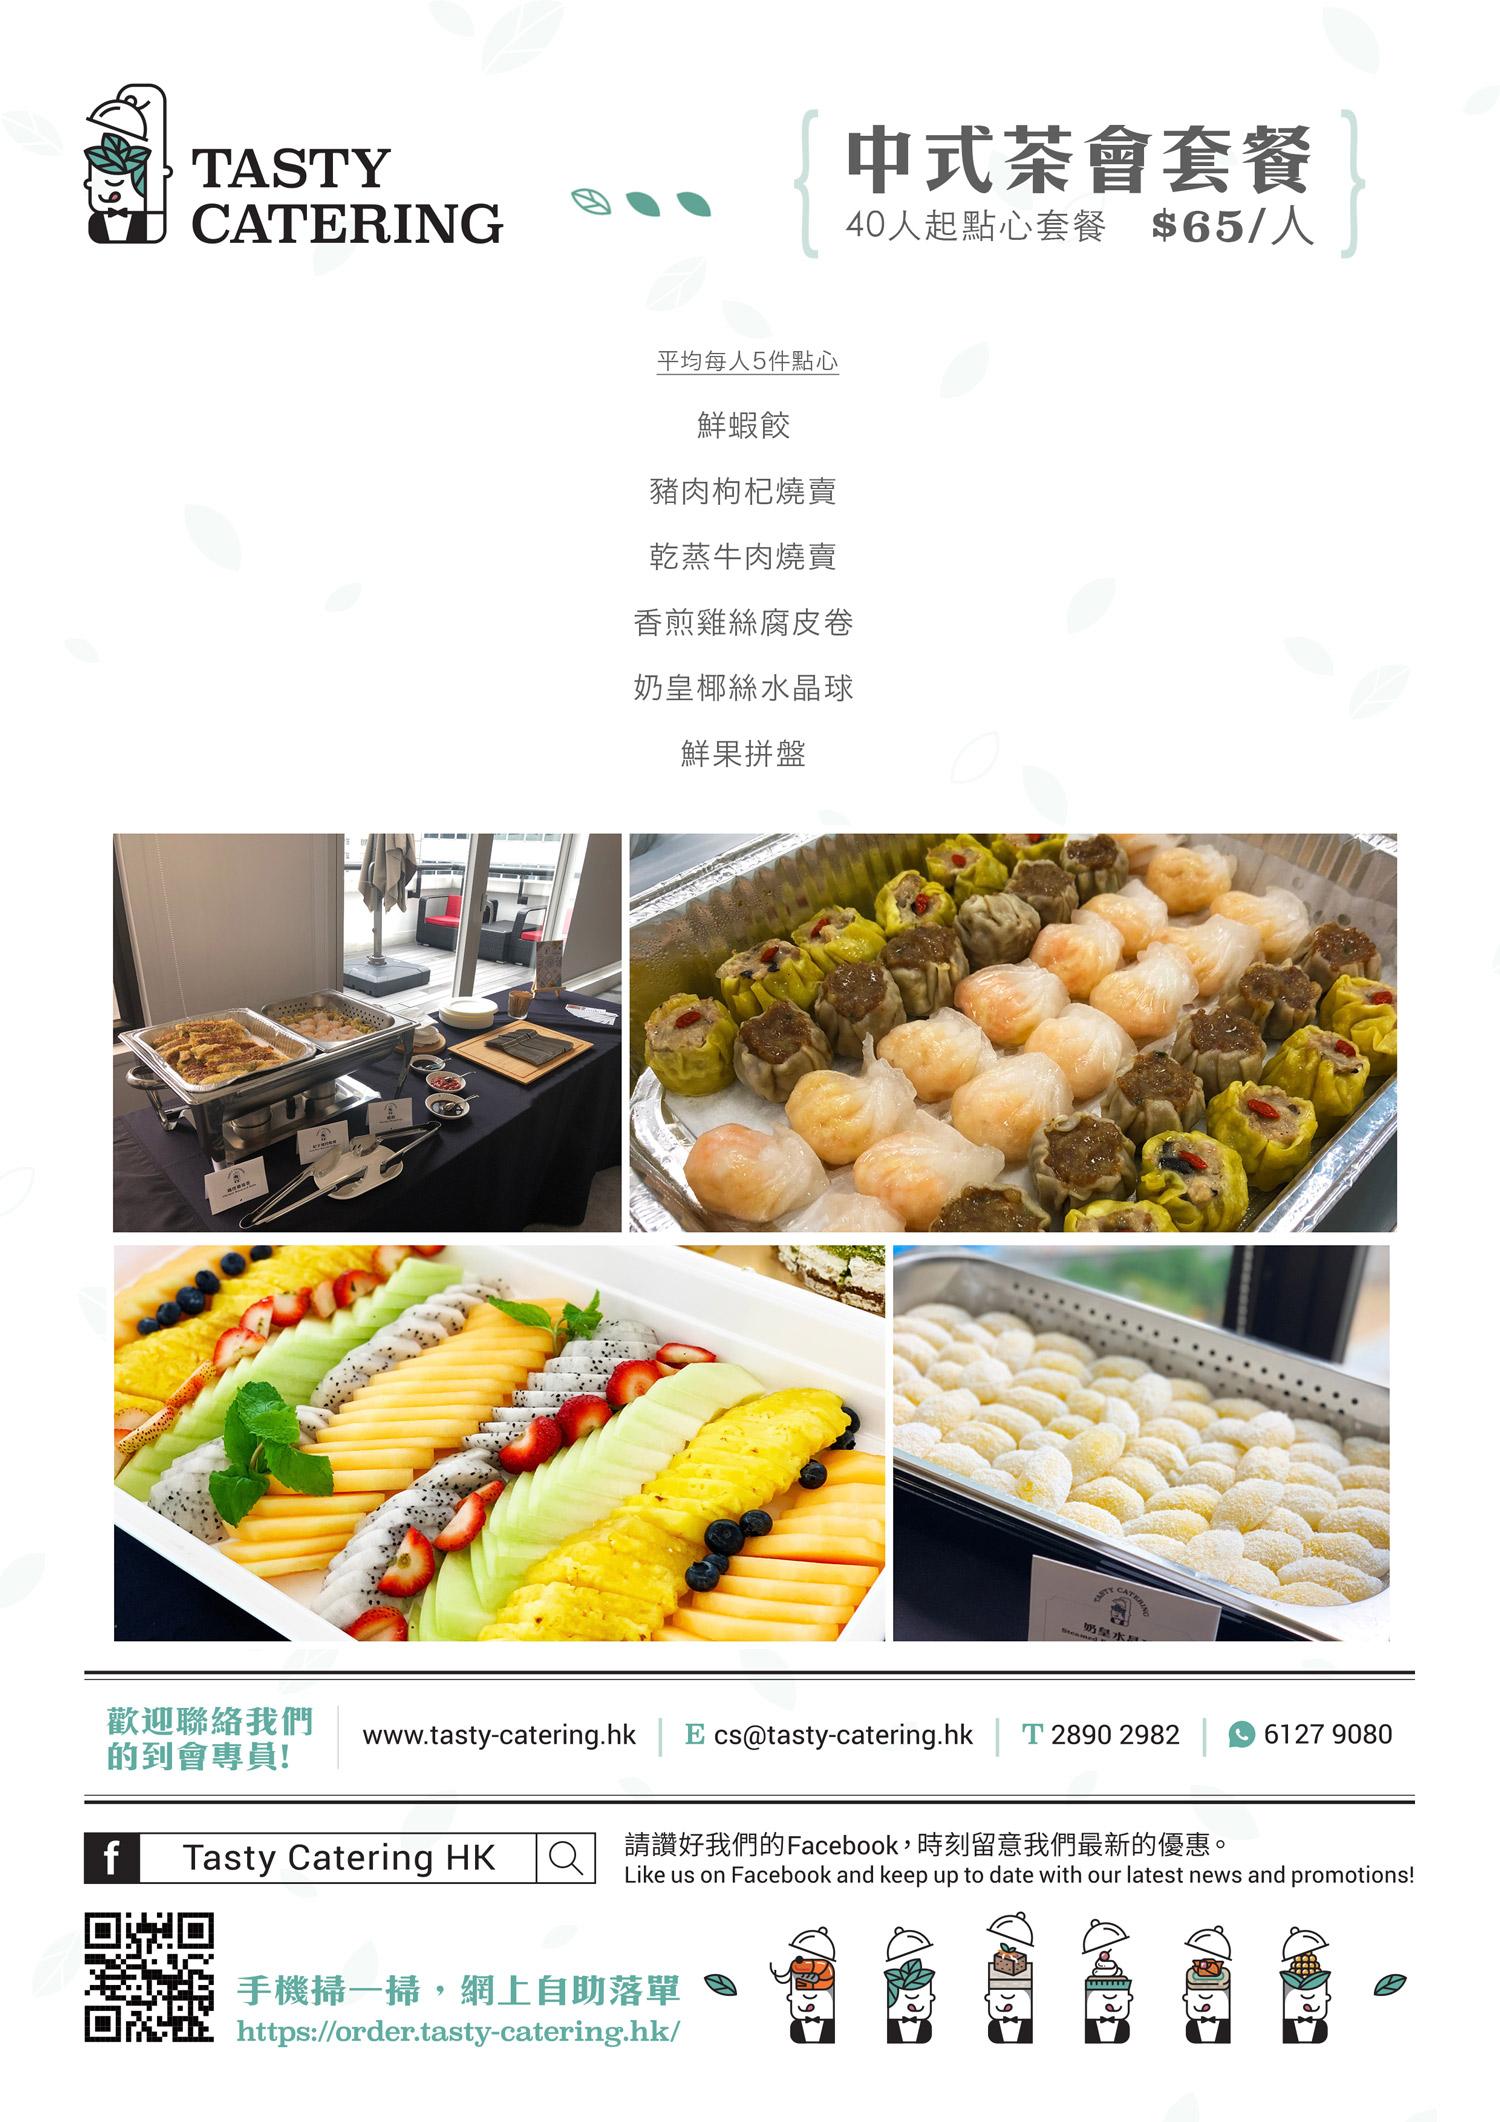 到會美食 - 點心拼盤 - Tasty Catering HK